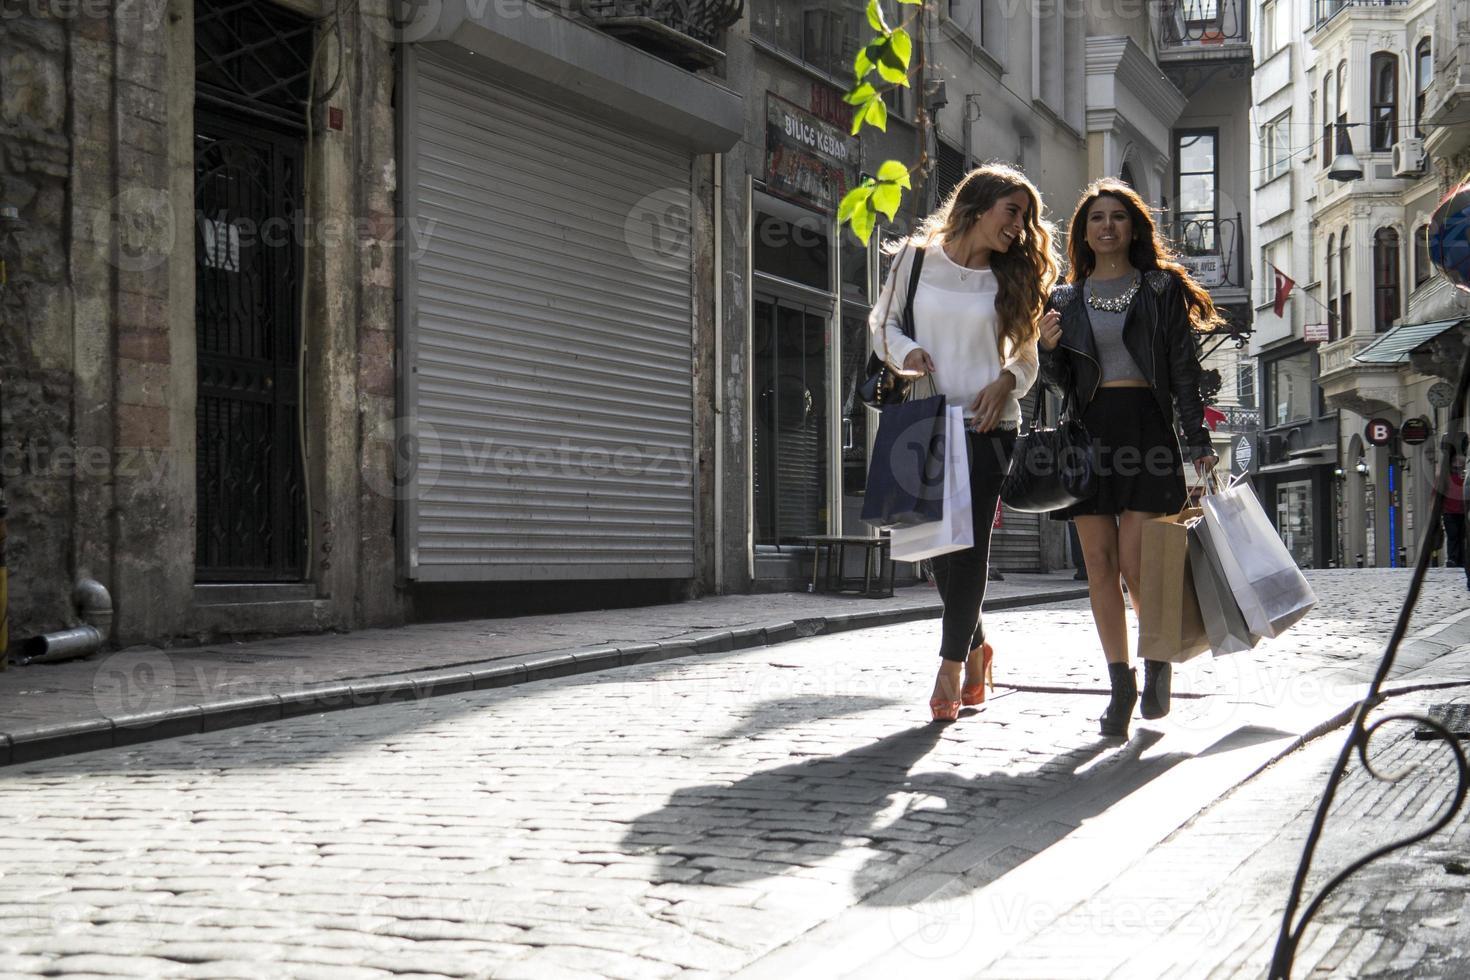 deux filles dans le shopping dans la rue photo